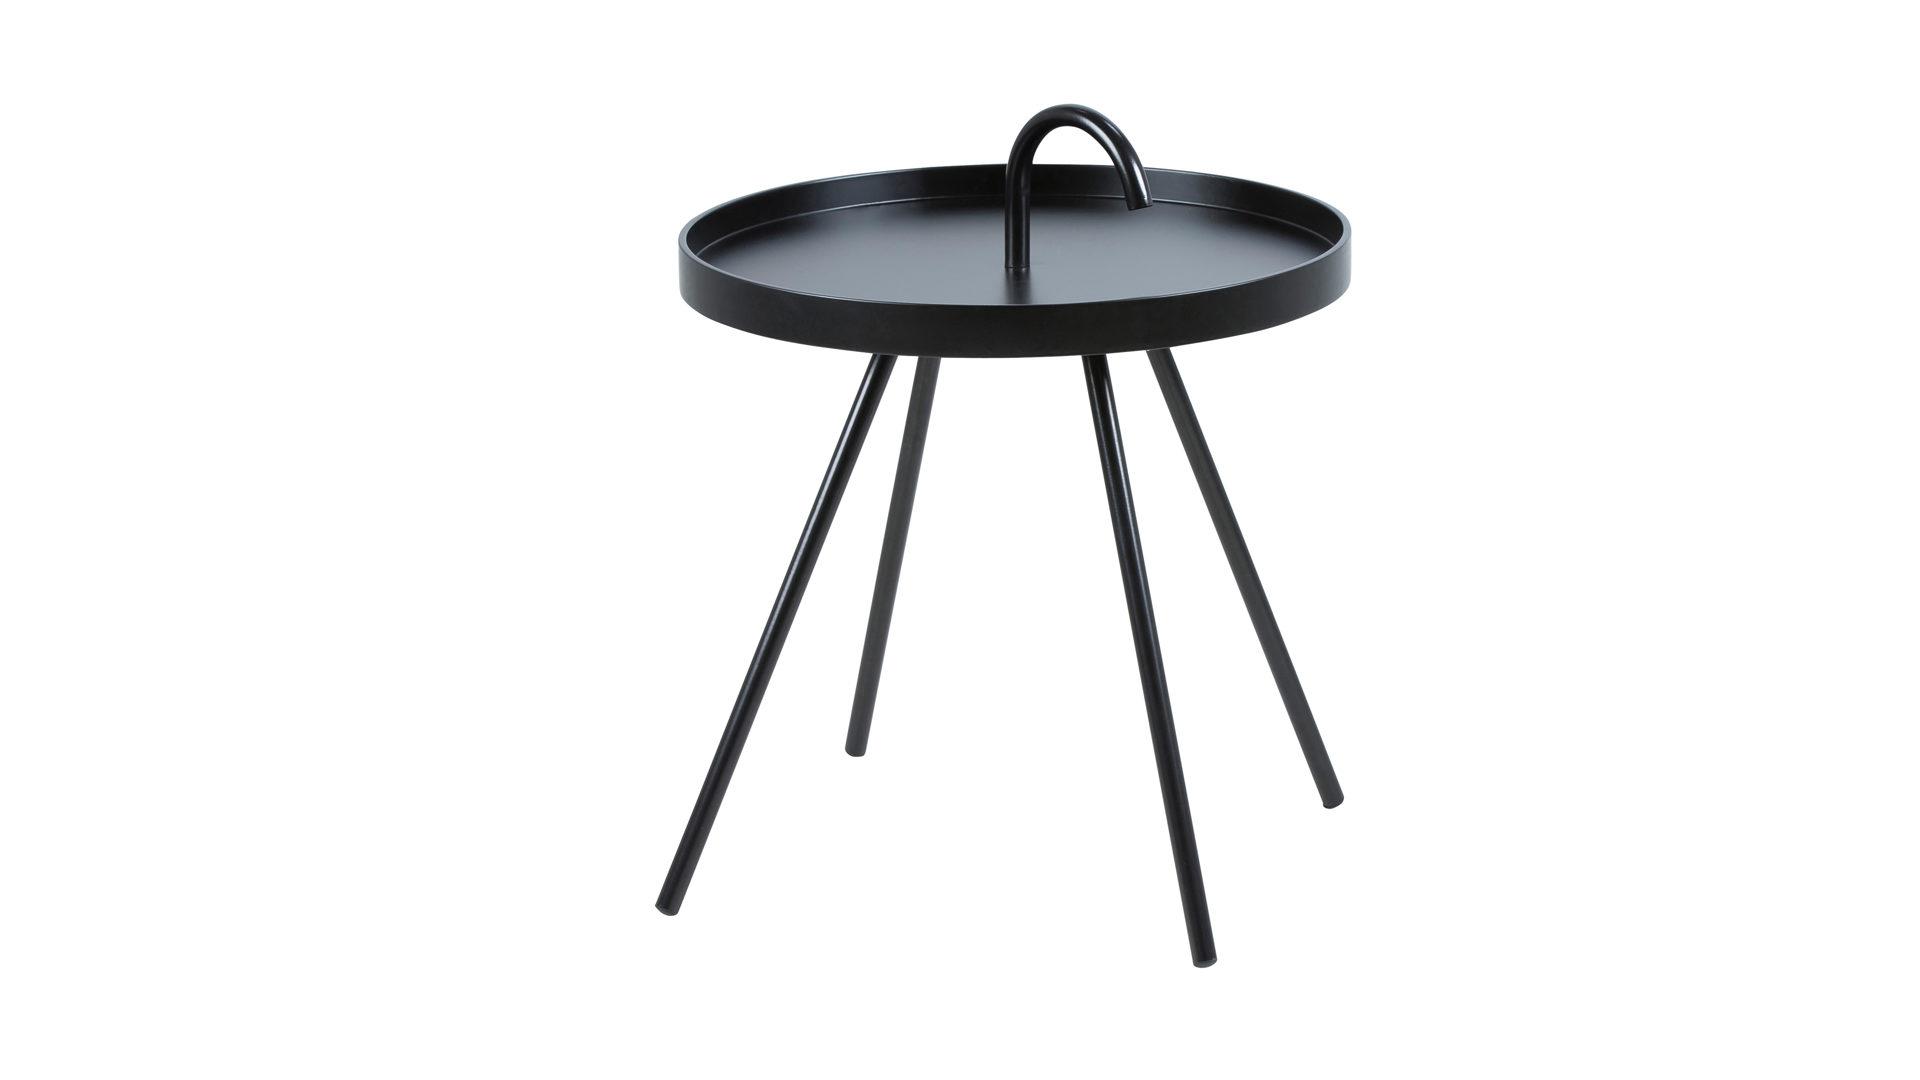 Beistelltisch Der Auch Als Couchtisch Einsetzbar Ist Schwarz Lackiertes Holz Metall Durchmesser Ca 51 Cm